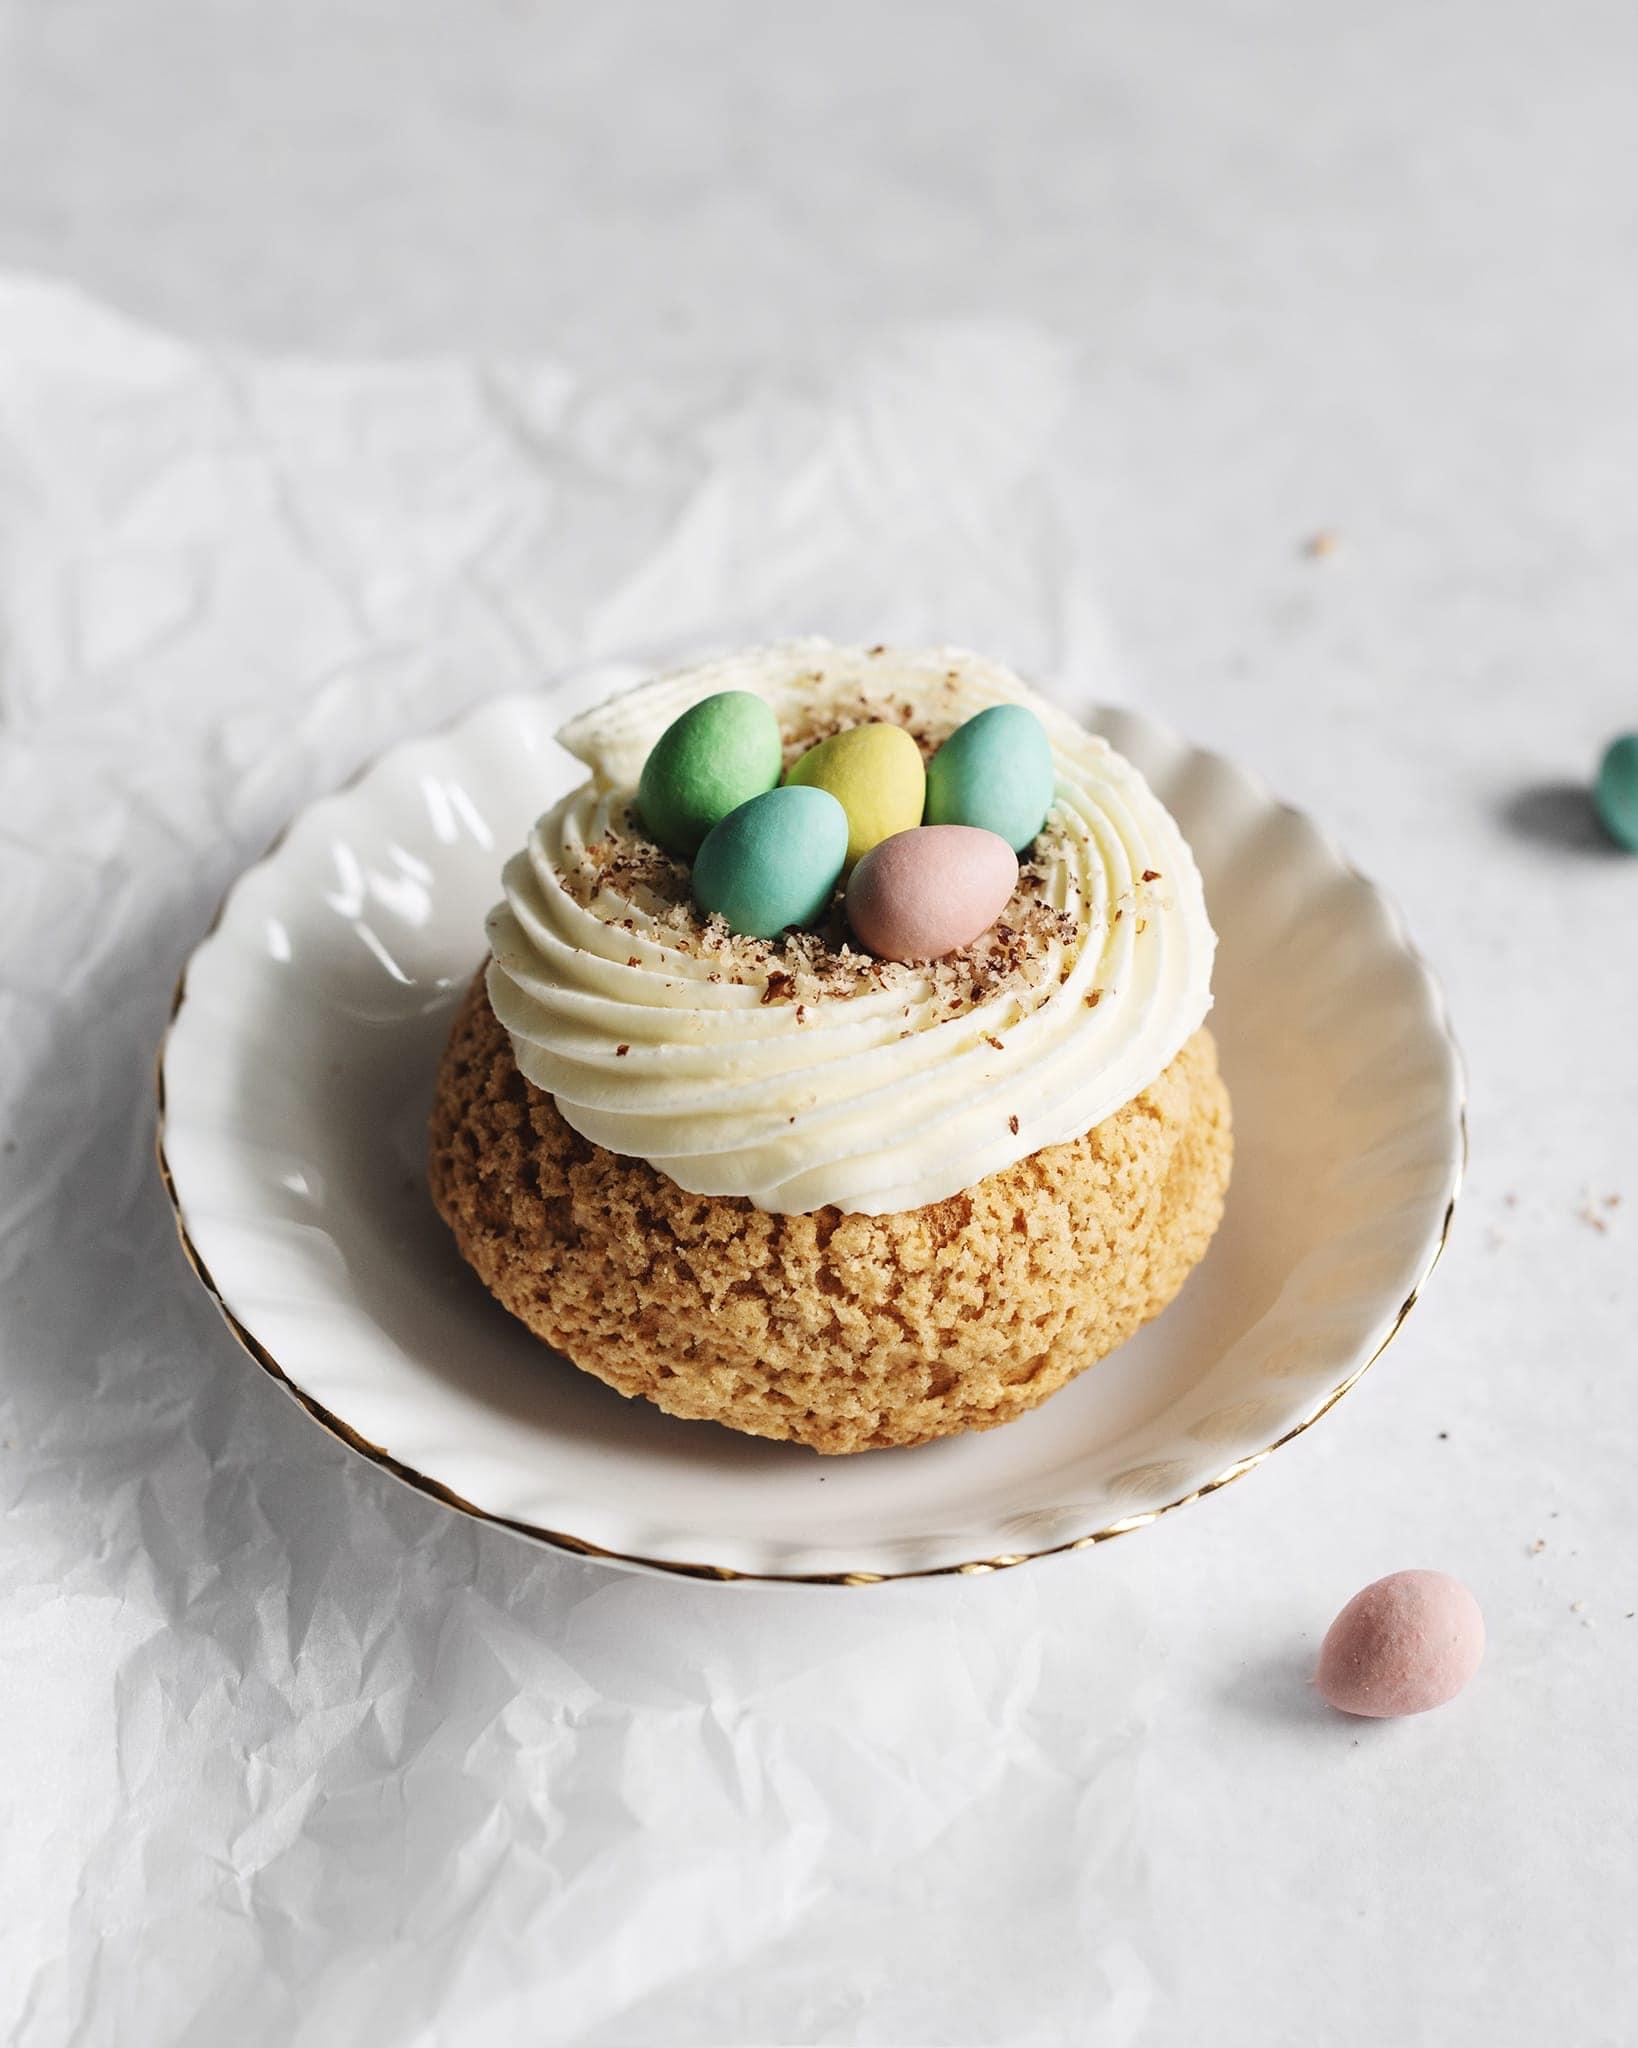 One mini egg cream puff on a plate